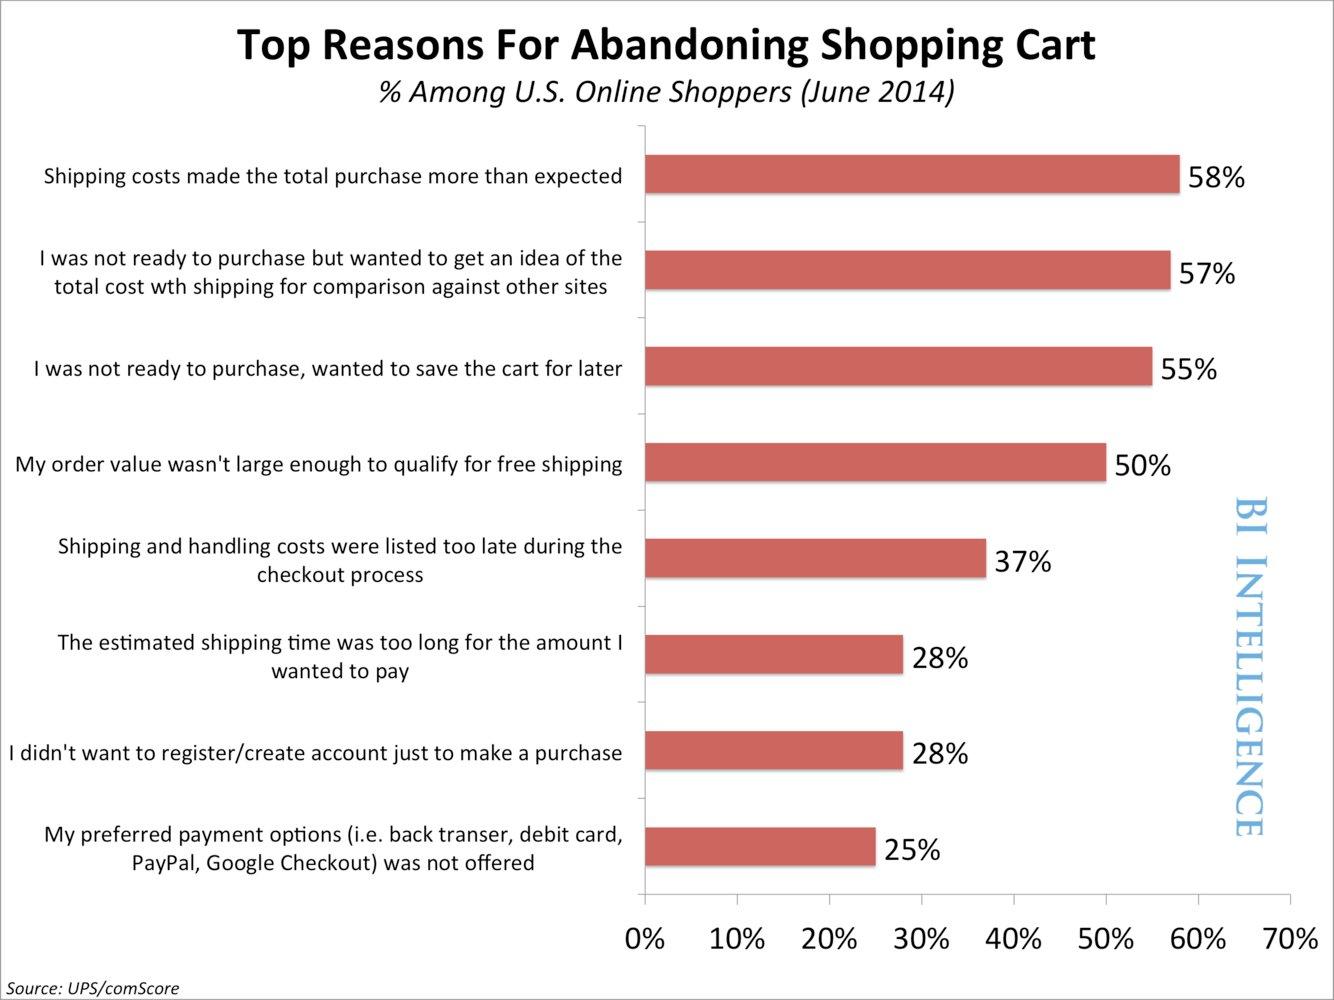 Abandoning Shopping Cart chart